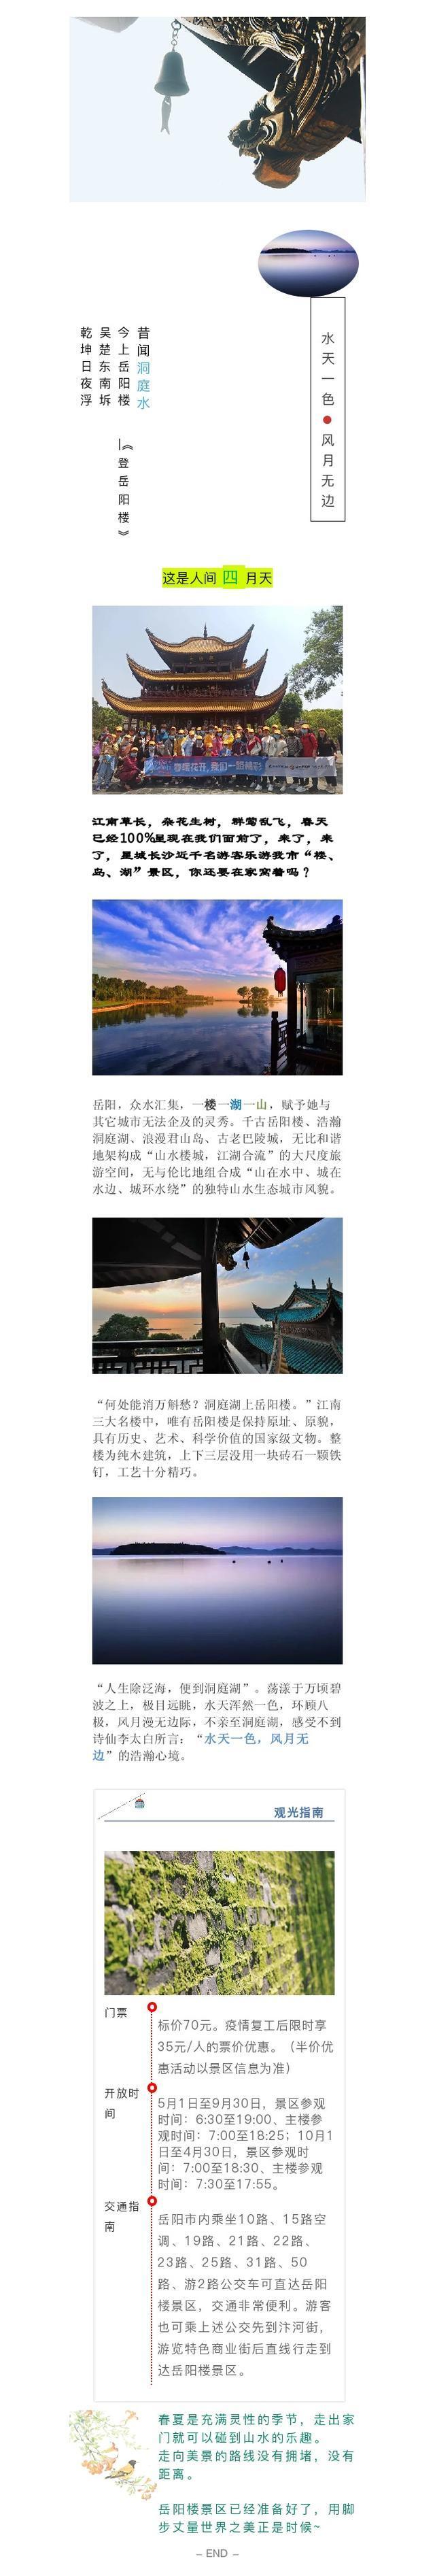 网约湘游︱岳阳楼:您有一份千人